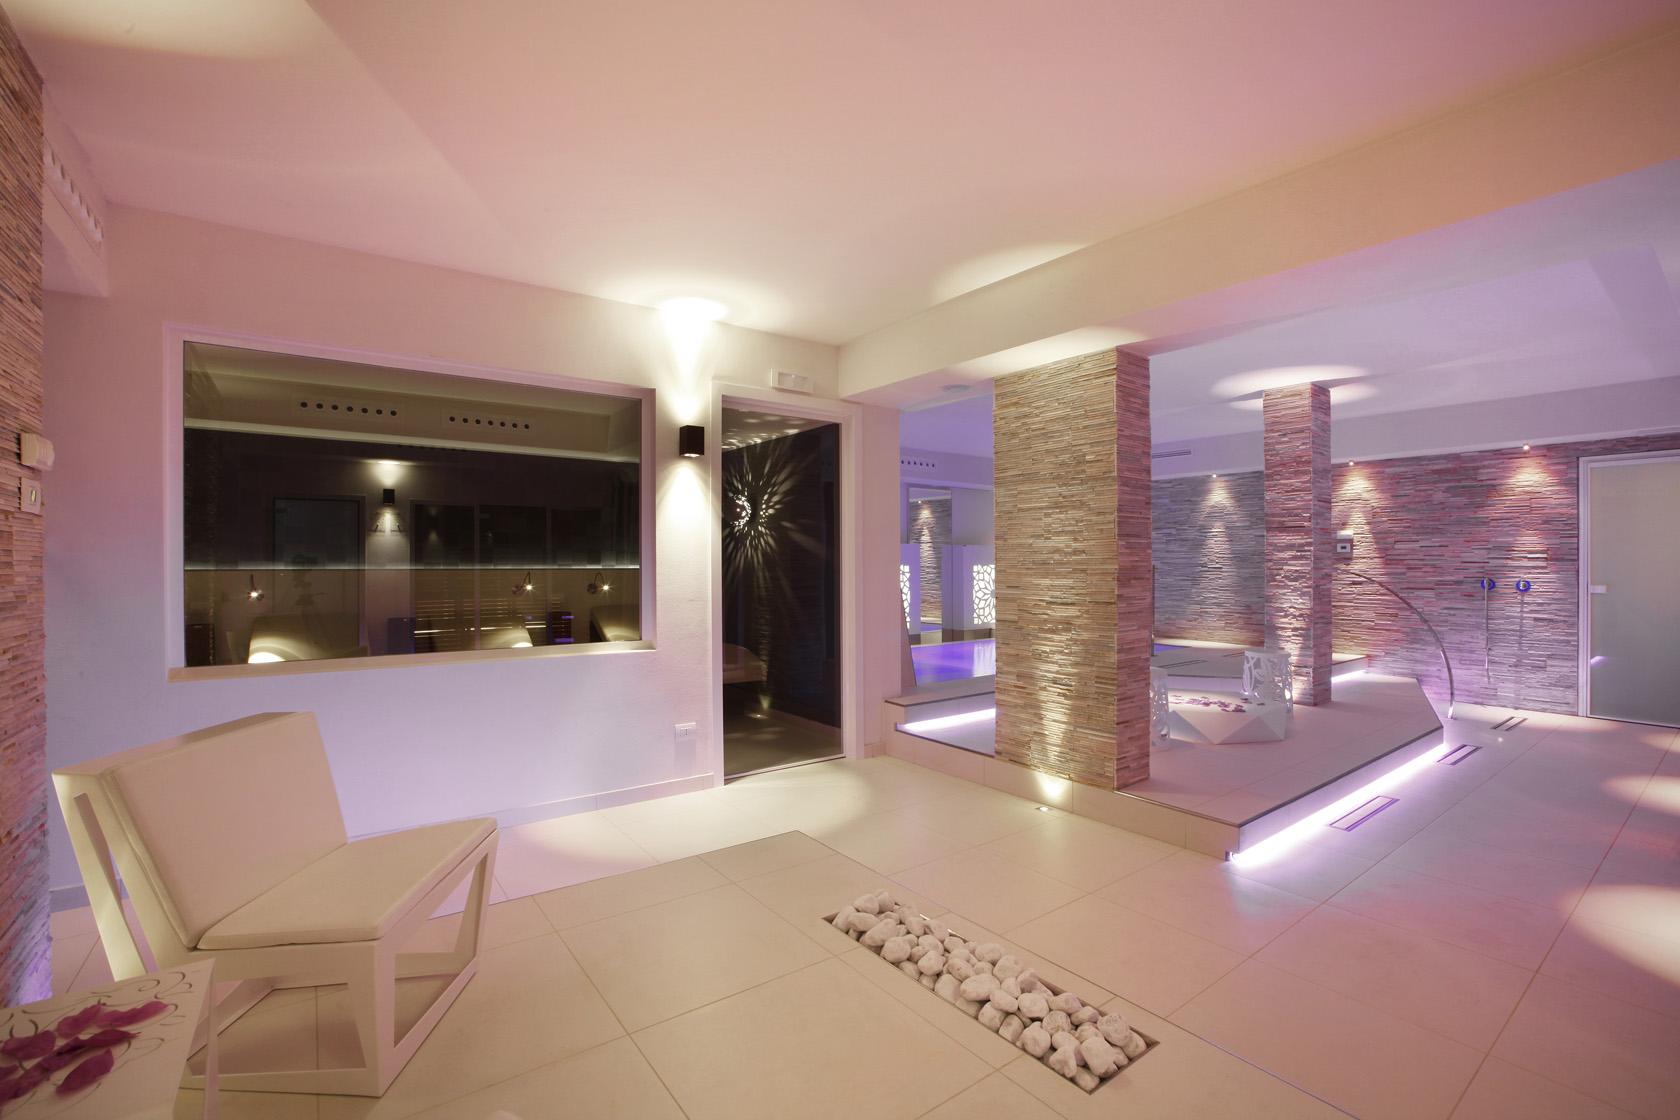 hotel parigi 2 spa la cascade dalmine bergamo 2 spa hotel. Black Bedroom Furniture Sets. Home Design Ideas